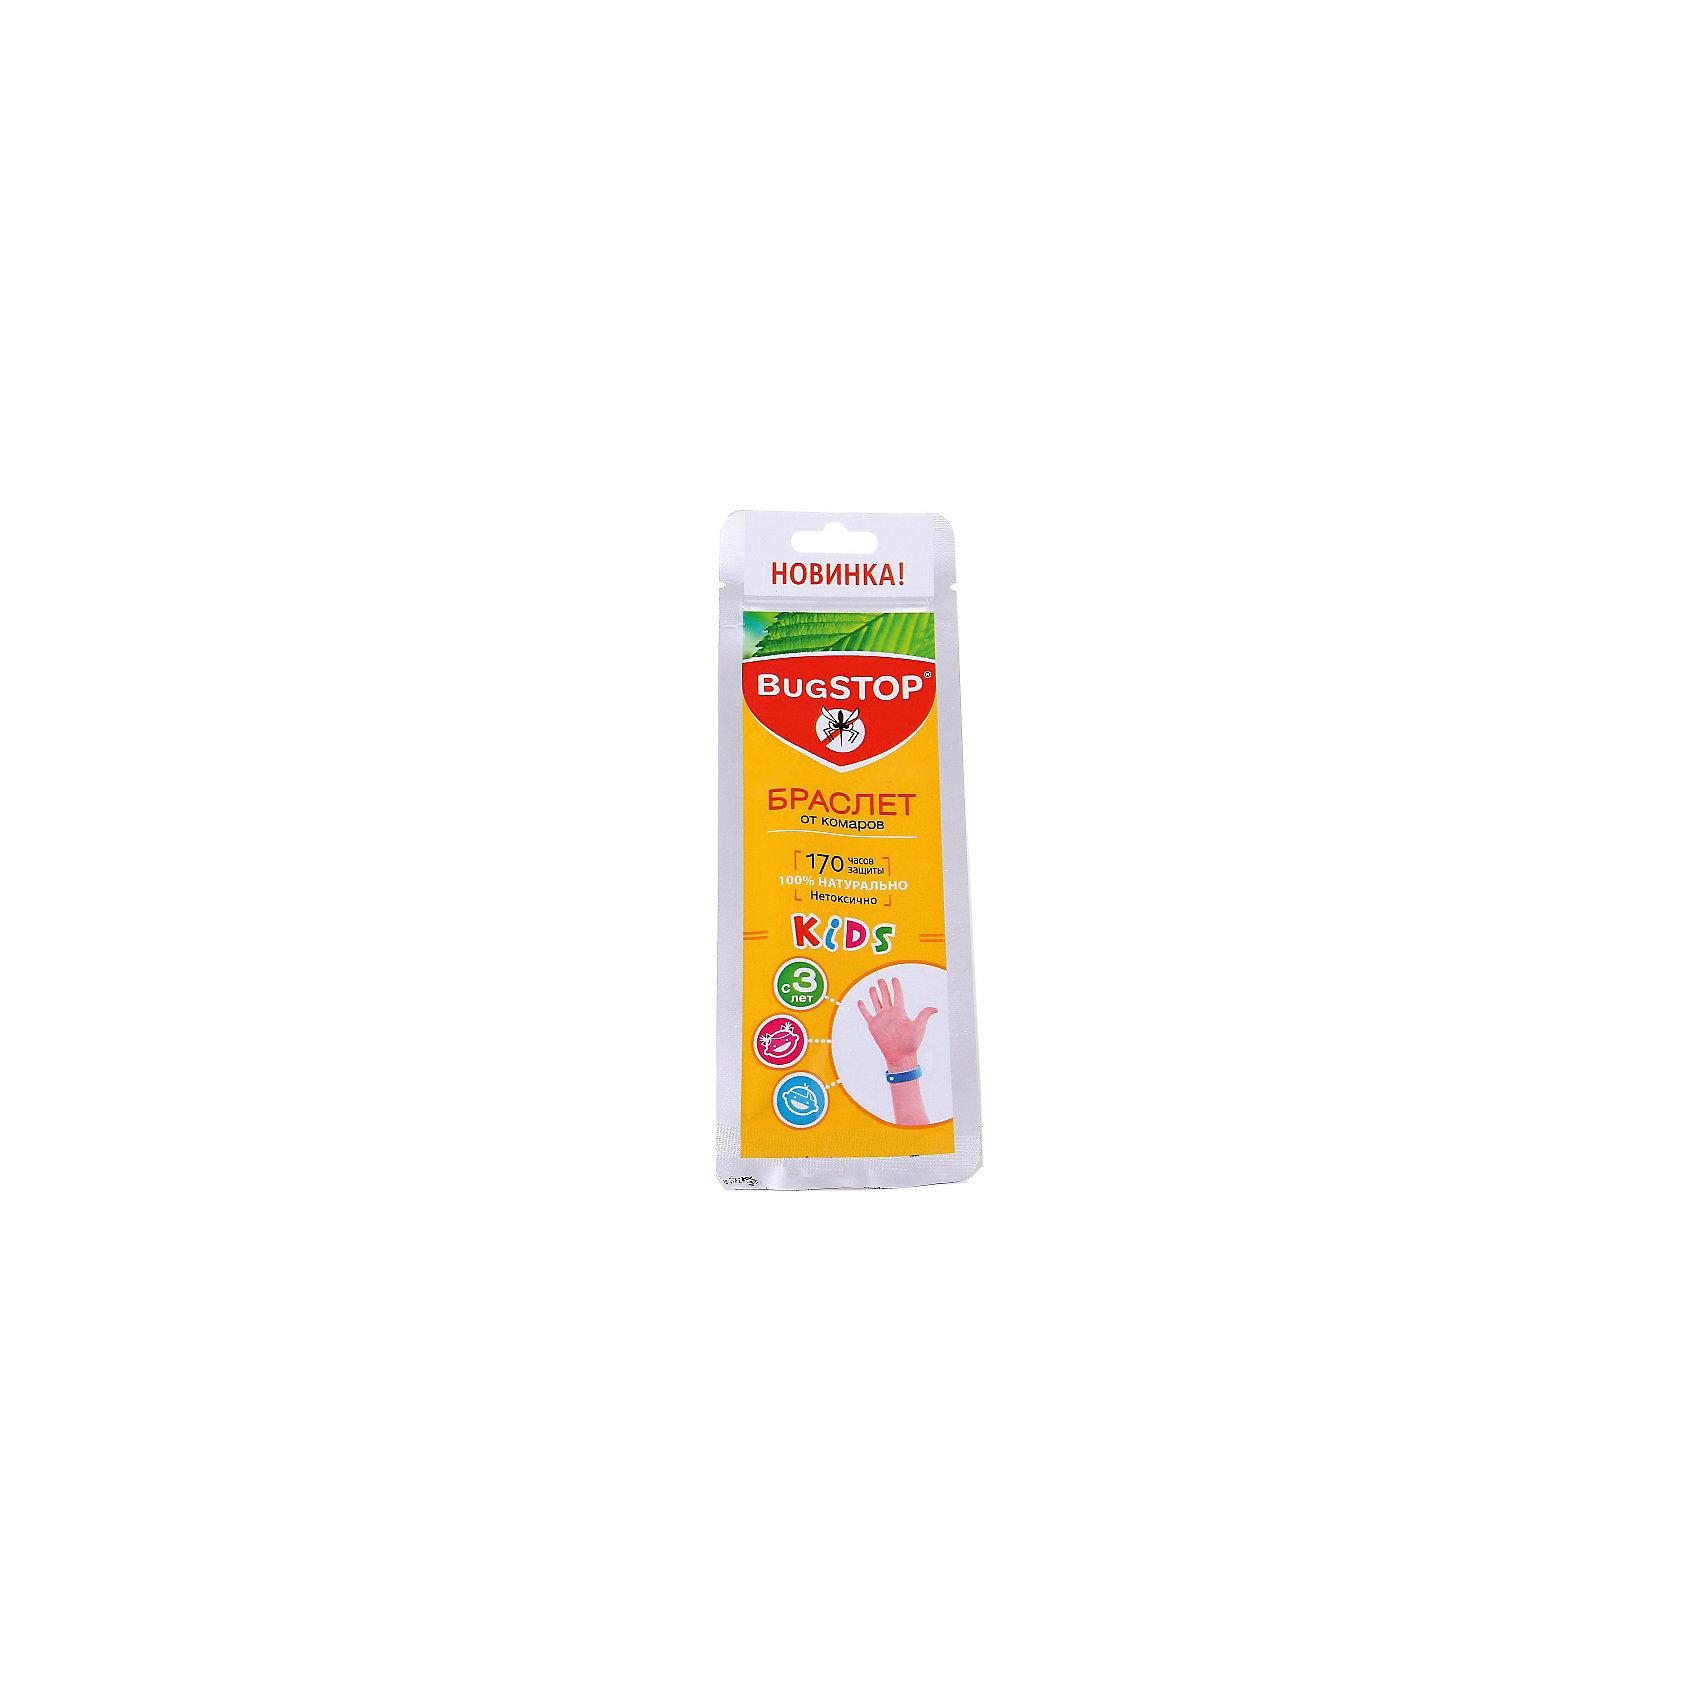 Детский браслет от комаров KIDS, BugSTOPСредства защиты от солнца и насекомых<br>Браслет от комаров марки BugStop (БагСТОП)  KIDS - браслет для детей от 3-х лет (размер 18 см х 1.5 см).<br>Изготовлен из микрофибры, 20% от объма составл.пропитка маслом травы цитронеллы.                                           В действии испарение паров репеллента не позволяет комарам приблизиться, обеспечивая индивид.защиту в радиусе до 3 метров.  Рекомендован к использованию на открытом воздухе. Для сохранения действия может храниться в заводской фольгированной упаковке, снабженной замком. Общий срок службы не менее 170 ч. защиты. Специфических противопоказаний не имеет. рекомендован к использованию на открытом воздухе.<br><br>Дополнительная информация:<br><br>Размер: 18 см х 1.5 см<br>Застежка: 2 кнопки<br><br><br>Детский браслет от комаров KIDS, BugSTOP можно купить в нашем магазине.<br><br>Ширина мм: 70<br>Глубина мм: 4<br>Высота мм: 200<br>Вес г: 12<br>Возраст от месяцев: 36<br>Возраст до месяцев: 144<br>Пол: Унисекс<br>Возраст: Детский<br>SKU: 4667894